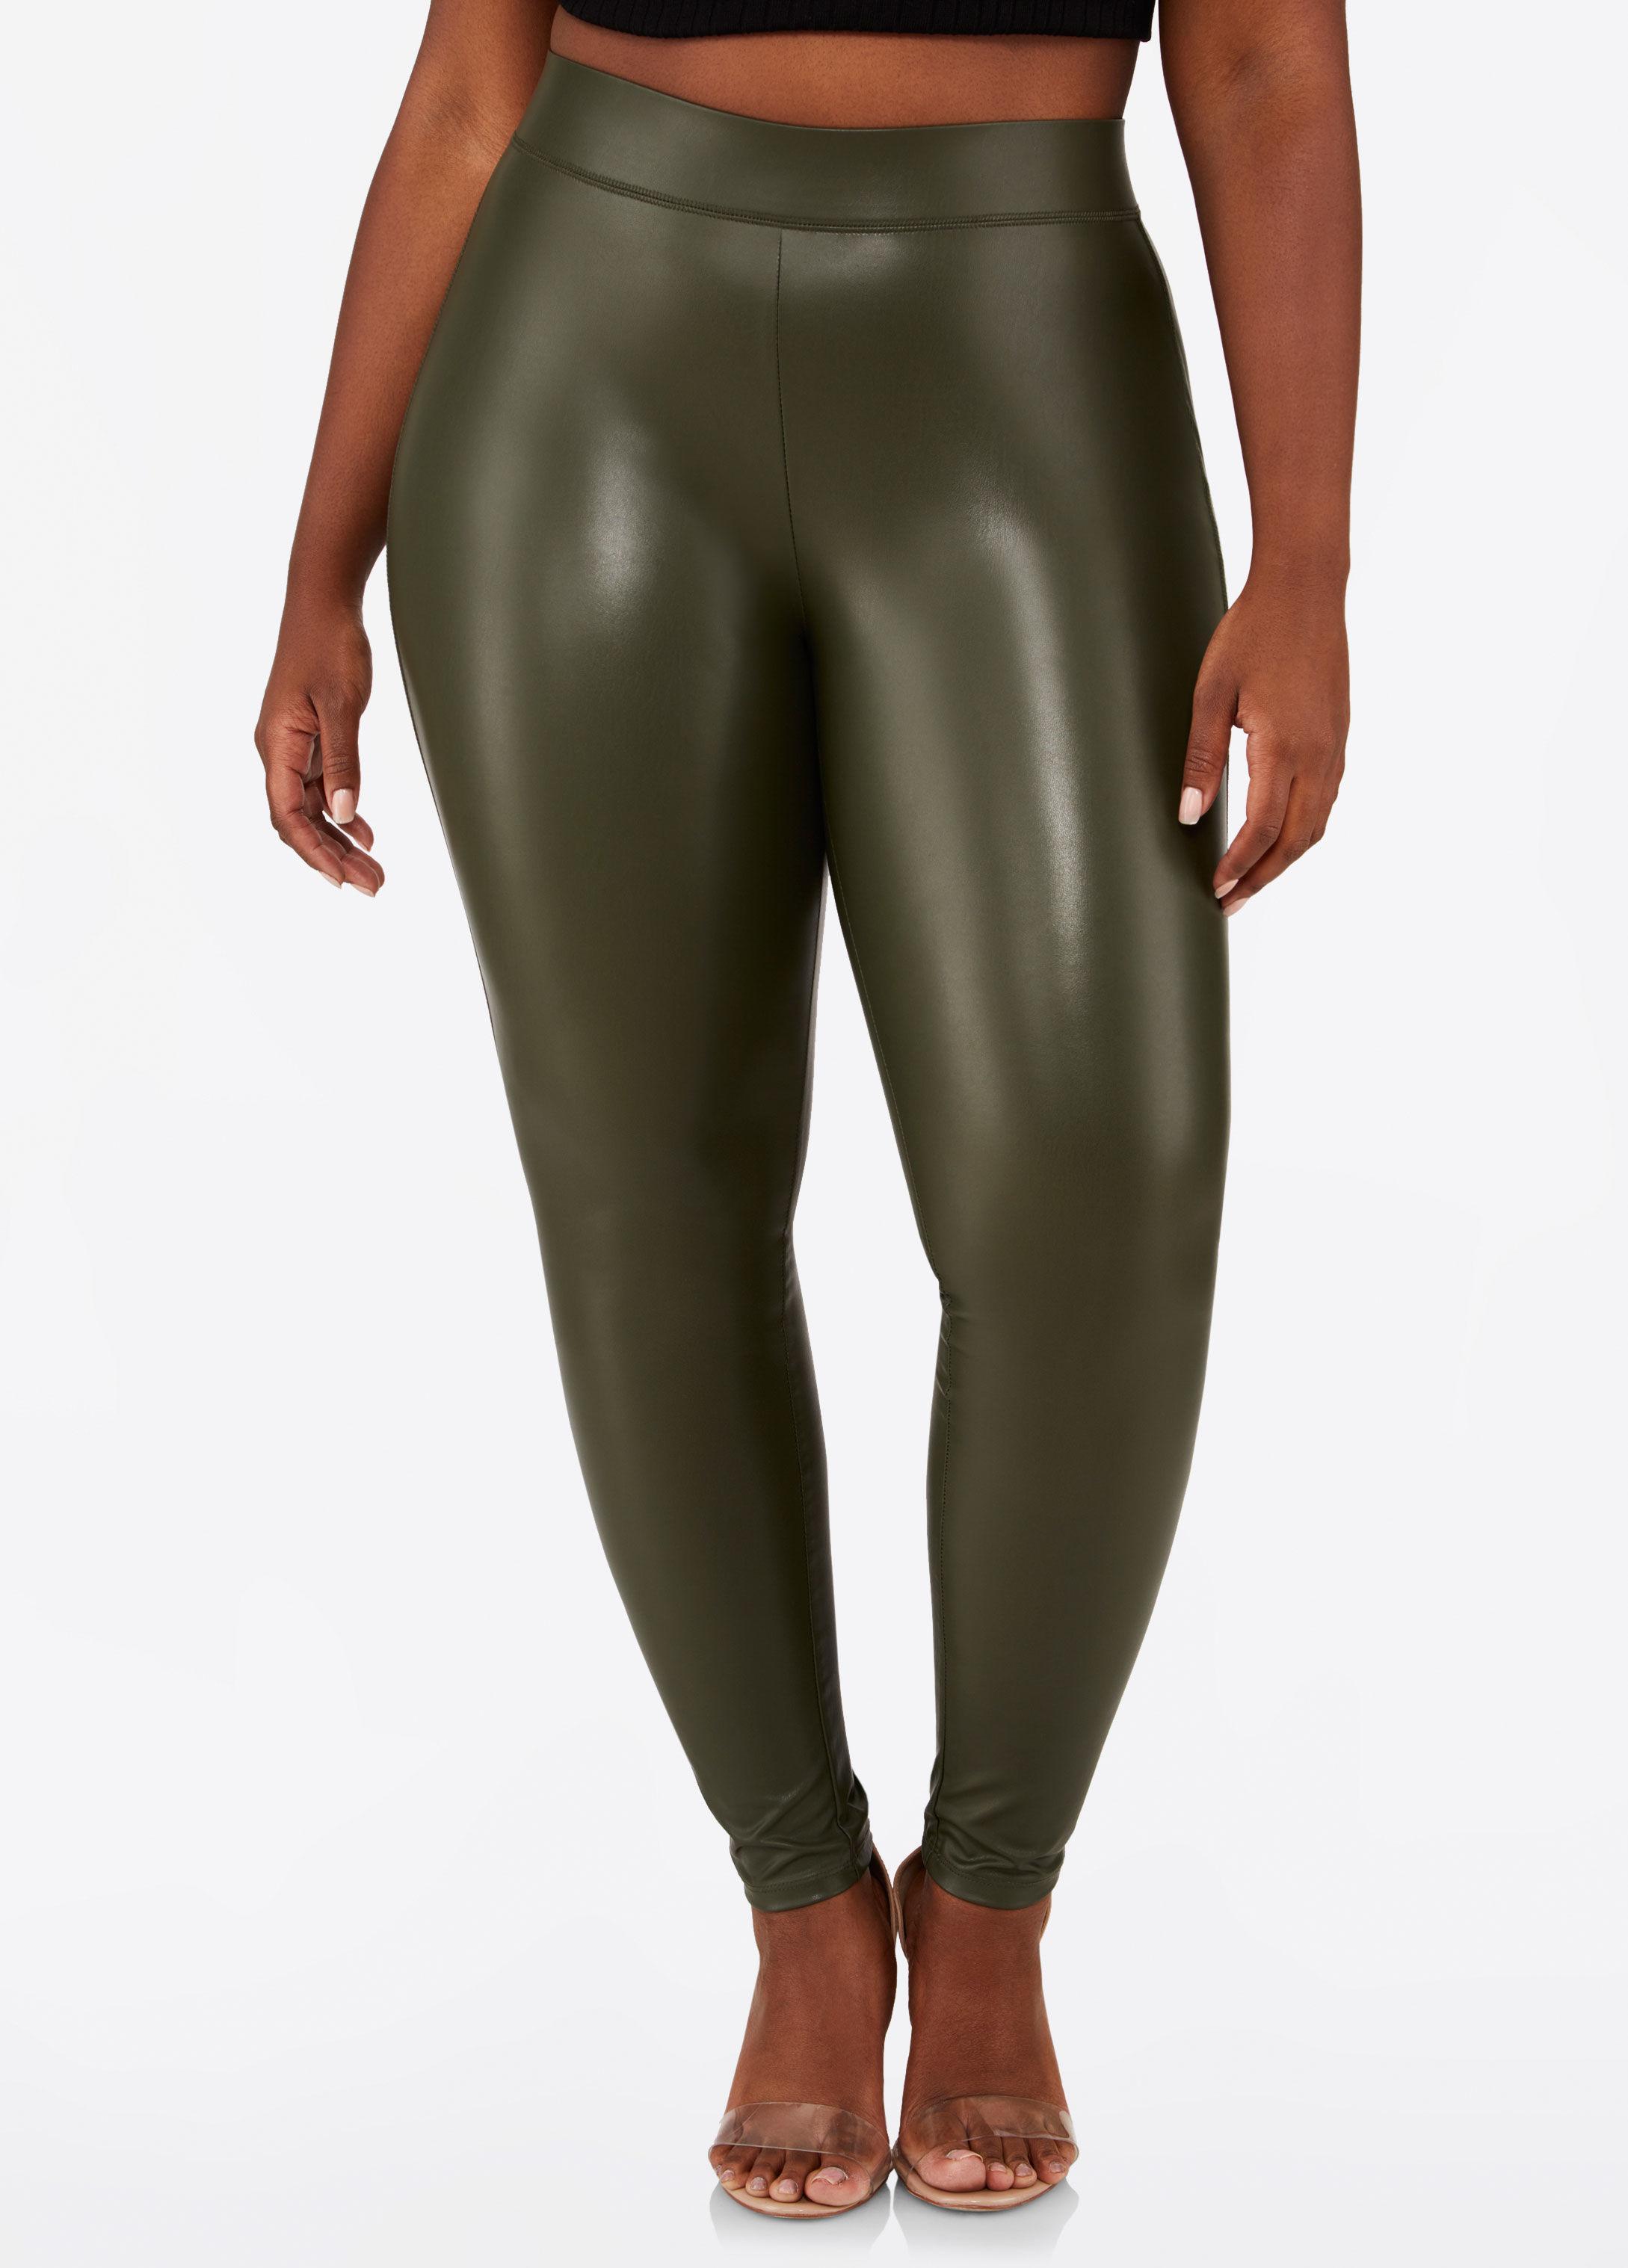 cf300fa5f5608 Lyst - Ashley Stewart Plus Size Faux Leather Pull On Legging in Green